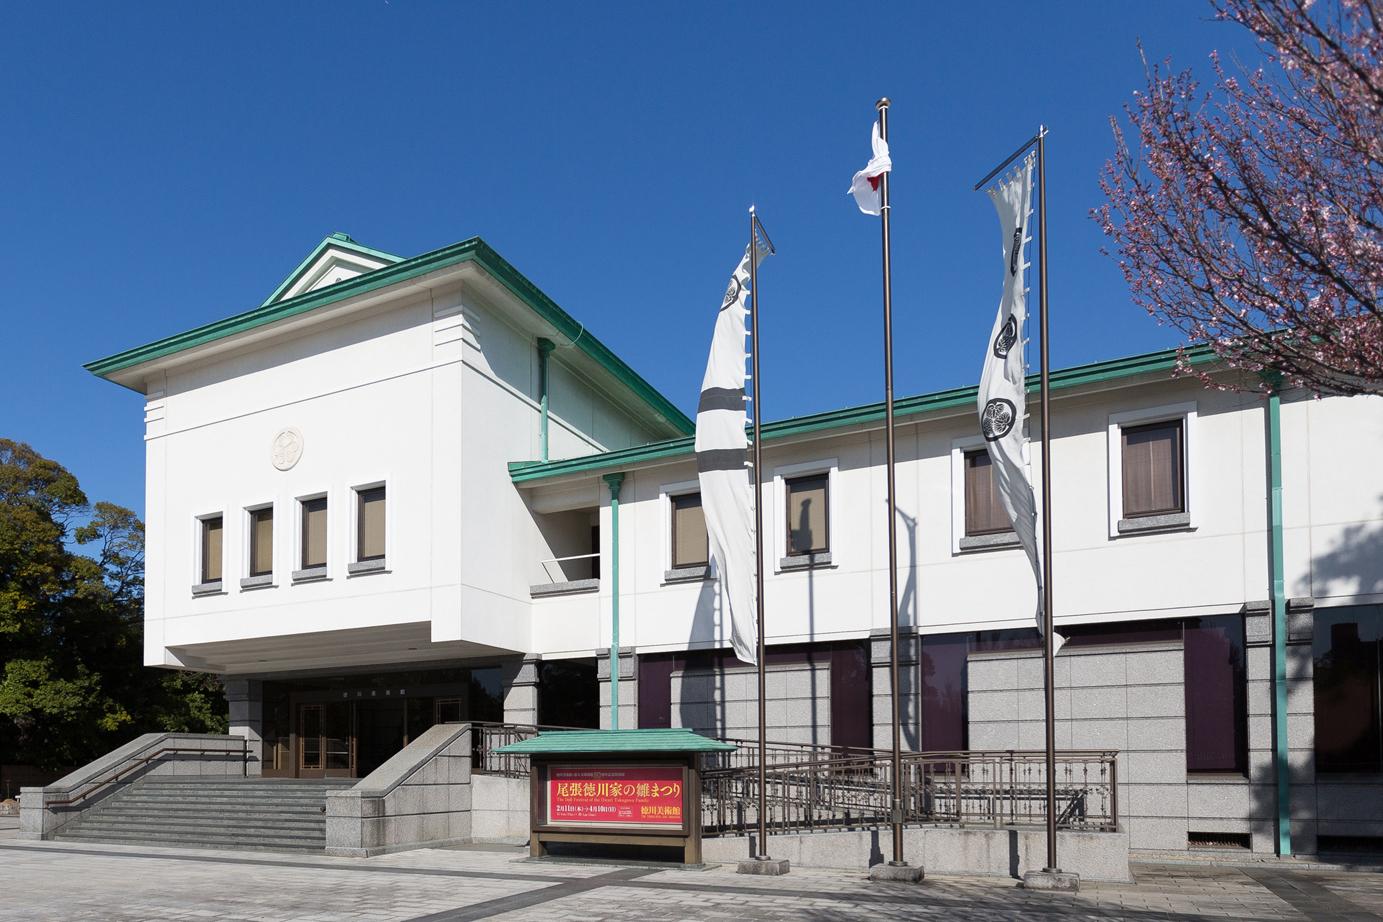 徳川美術館外観。展示方法や照明もよく、常設展も必見。